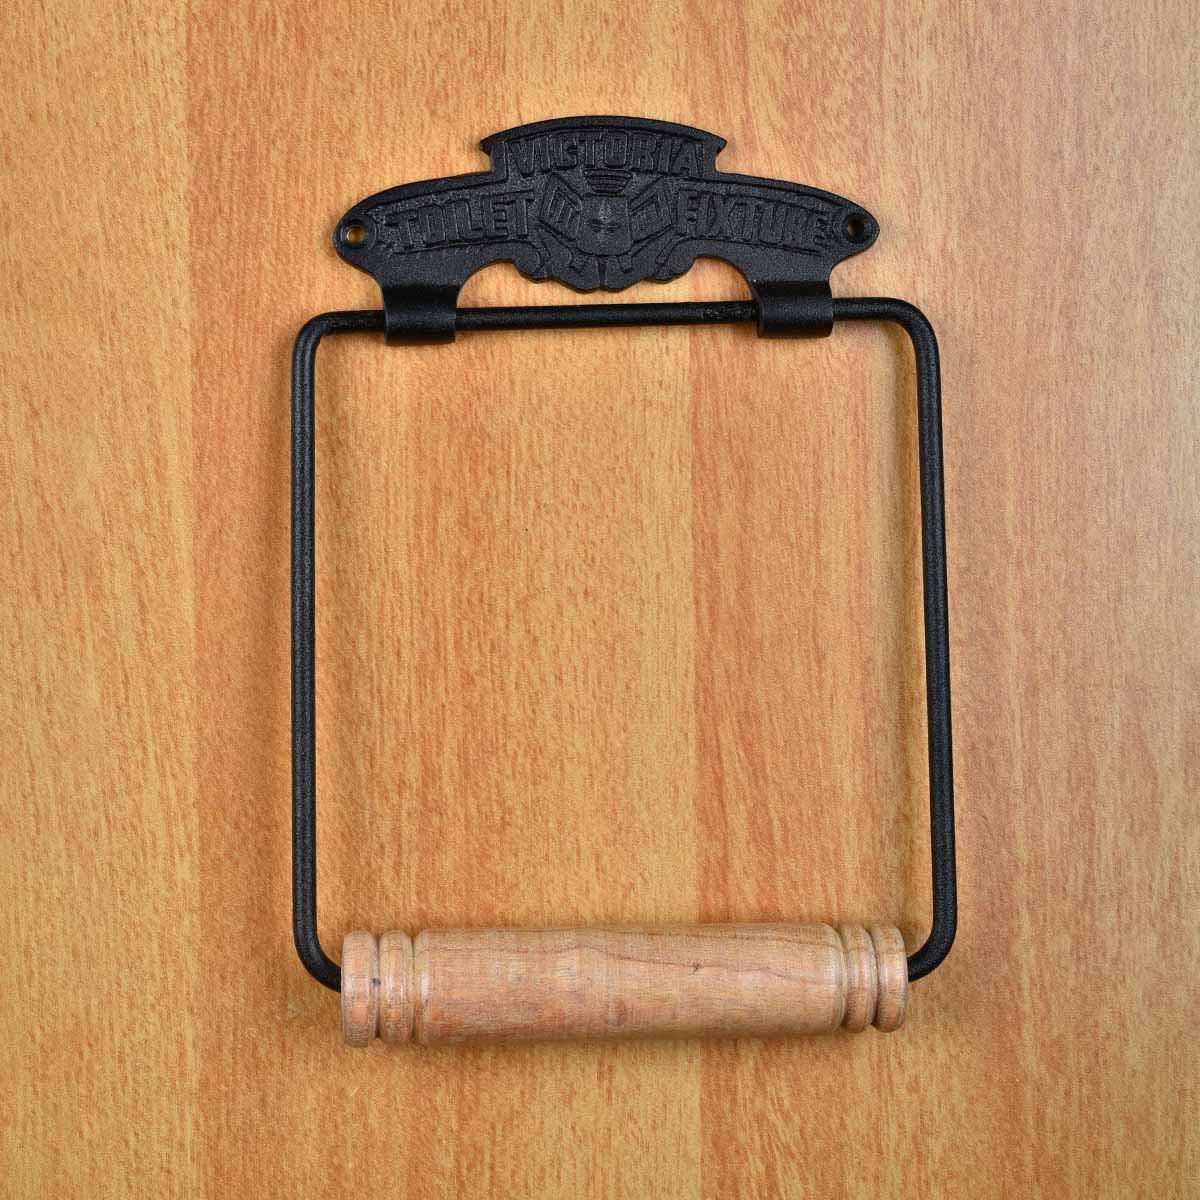 Toilet Paper Holder Black Aluminium Victoria Tissue Holder Black Toilet Paper Holder Brass Toilet Paper Holder Tissue Holder For Bathroom